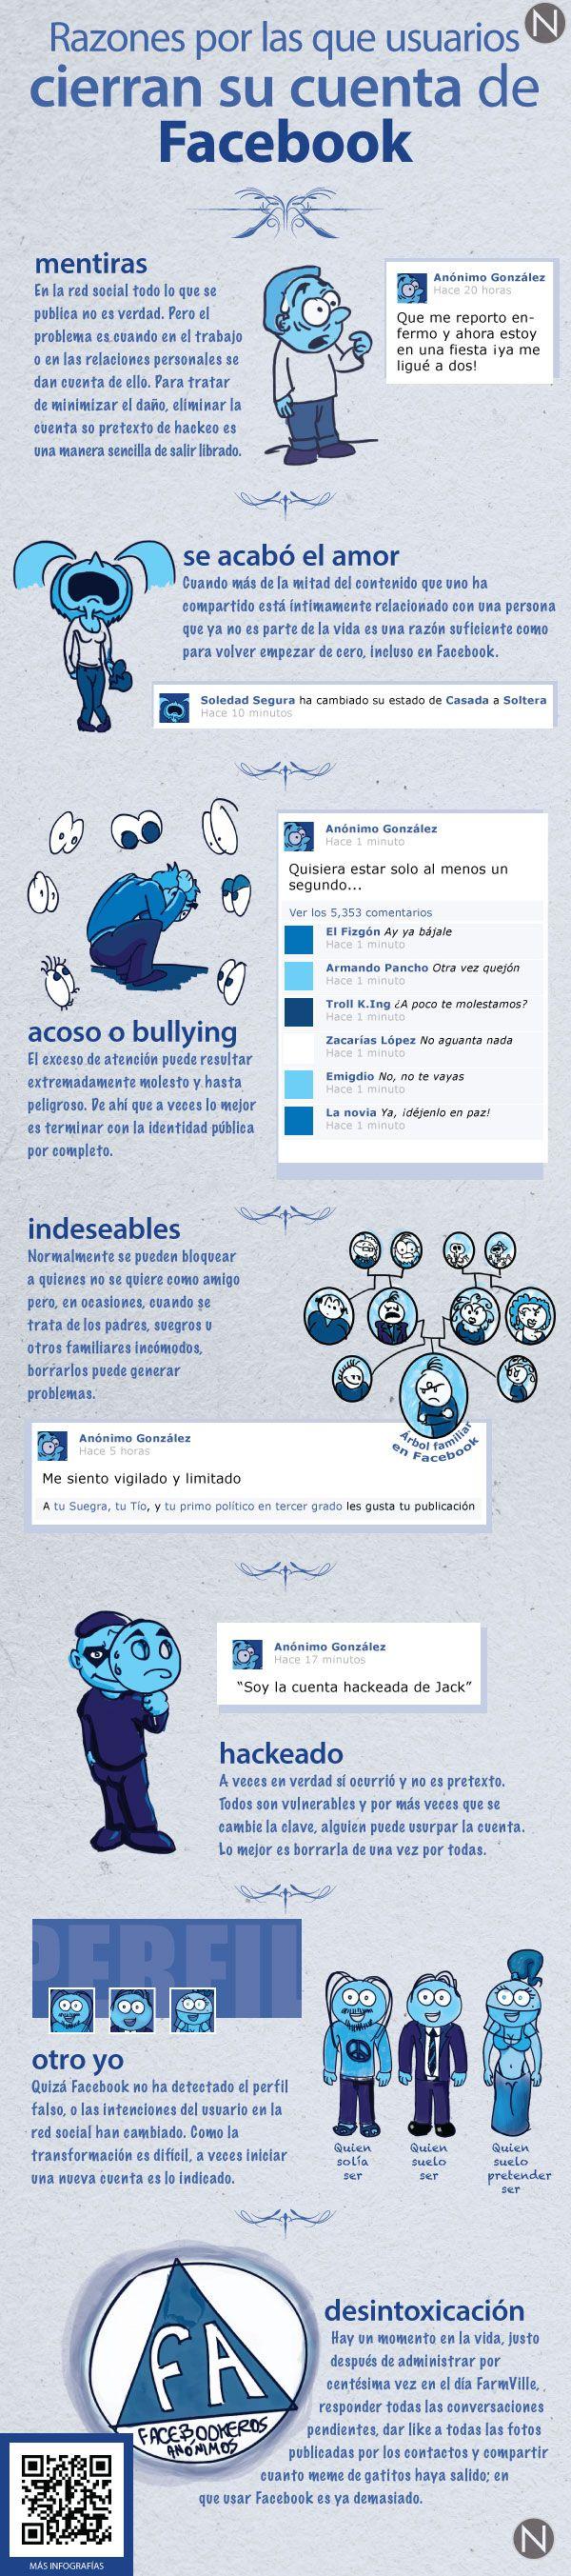 Razones para cerrar una cuenta de FaceBook #infografia